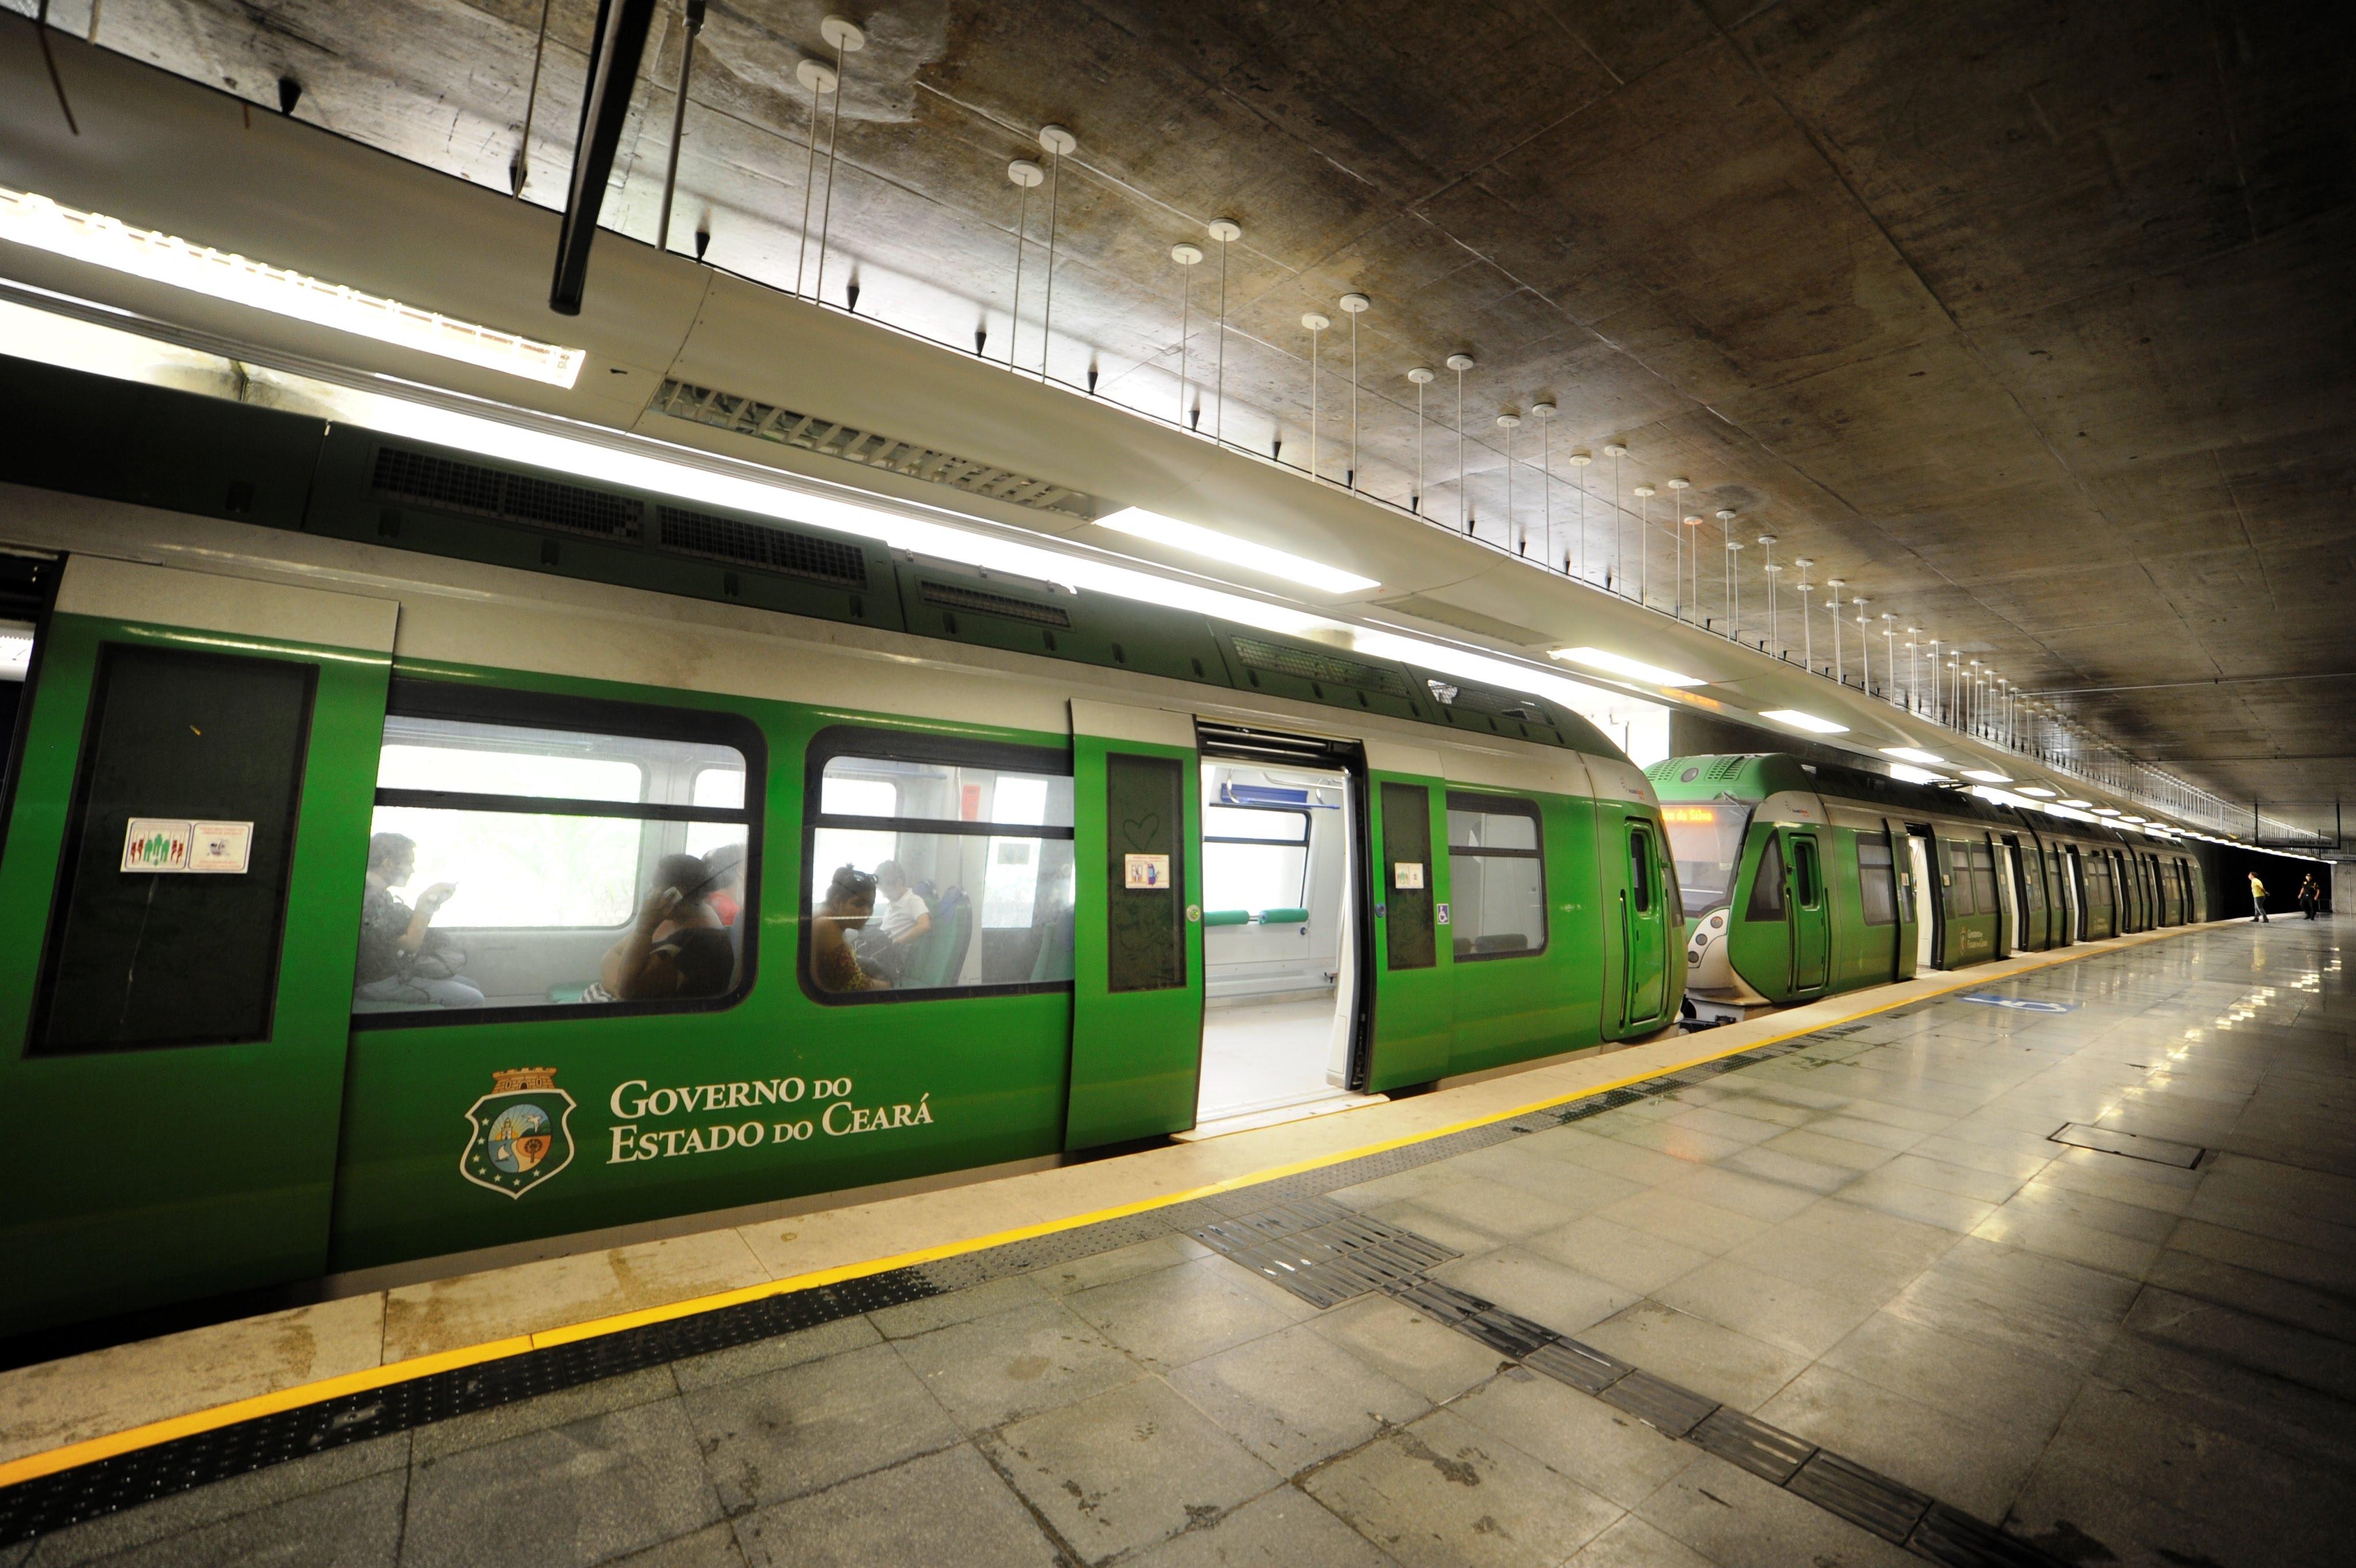 Metrô de Fortaleza – Renovação do Cartão do Estudante será a partir de 2 de maio